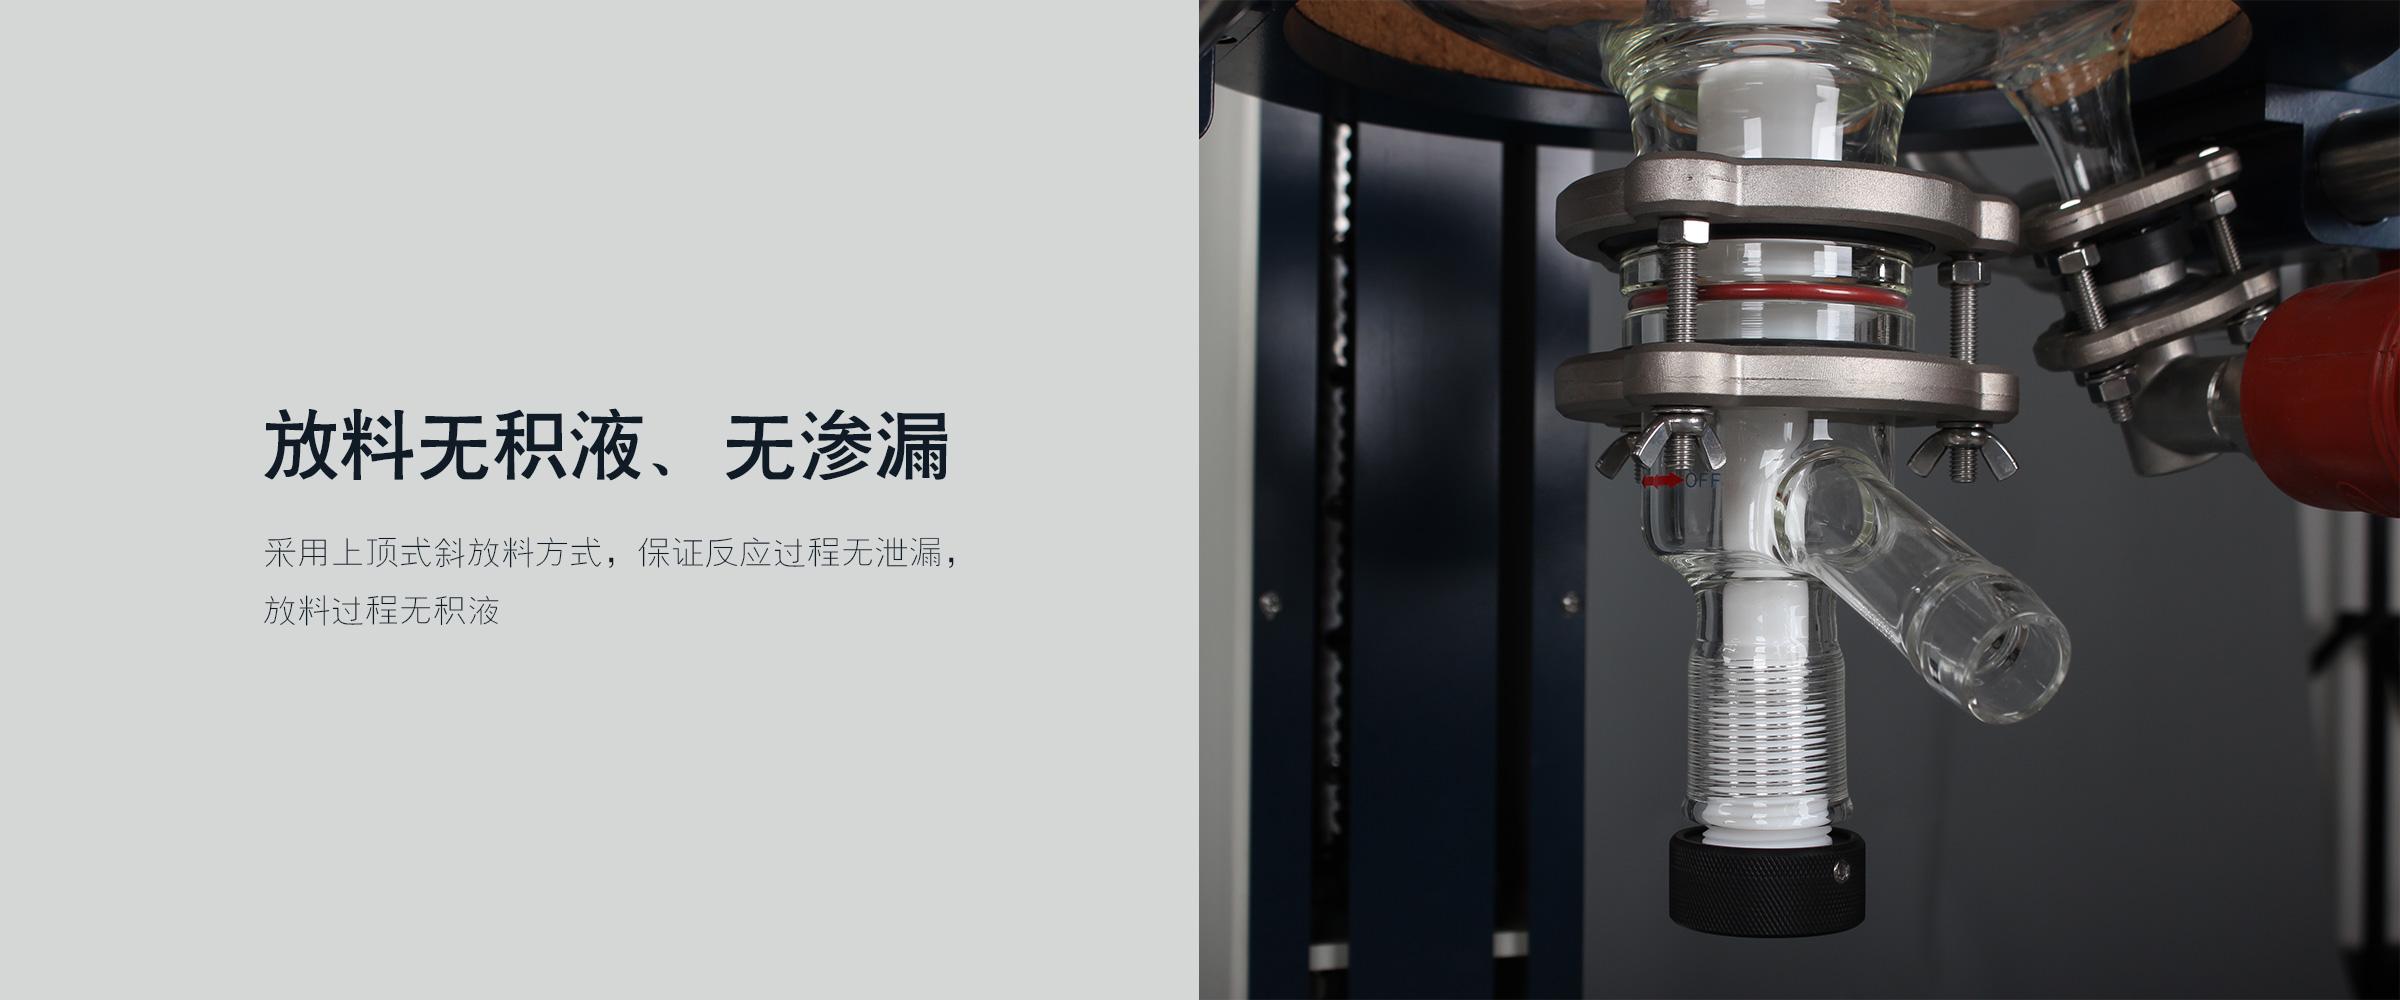 调速玻璃反应釜 (11)